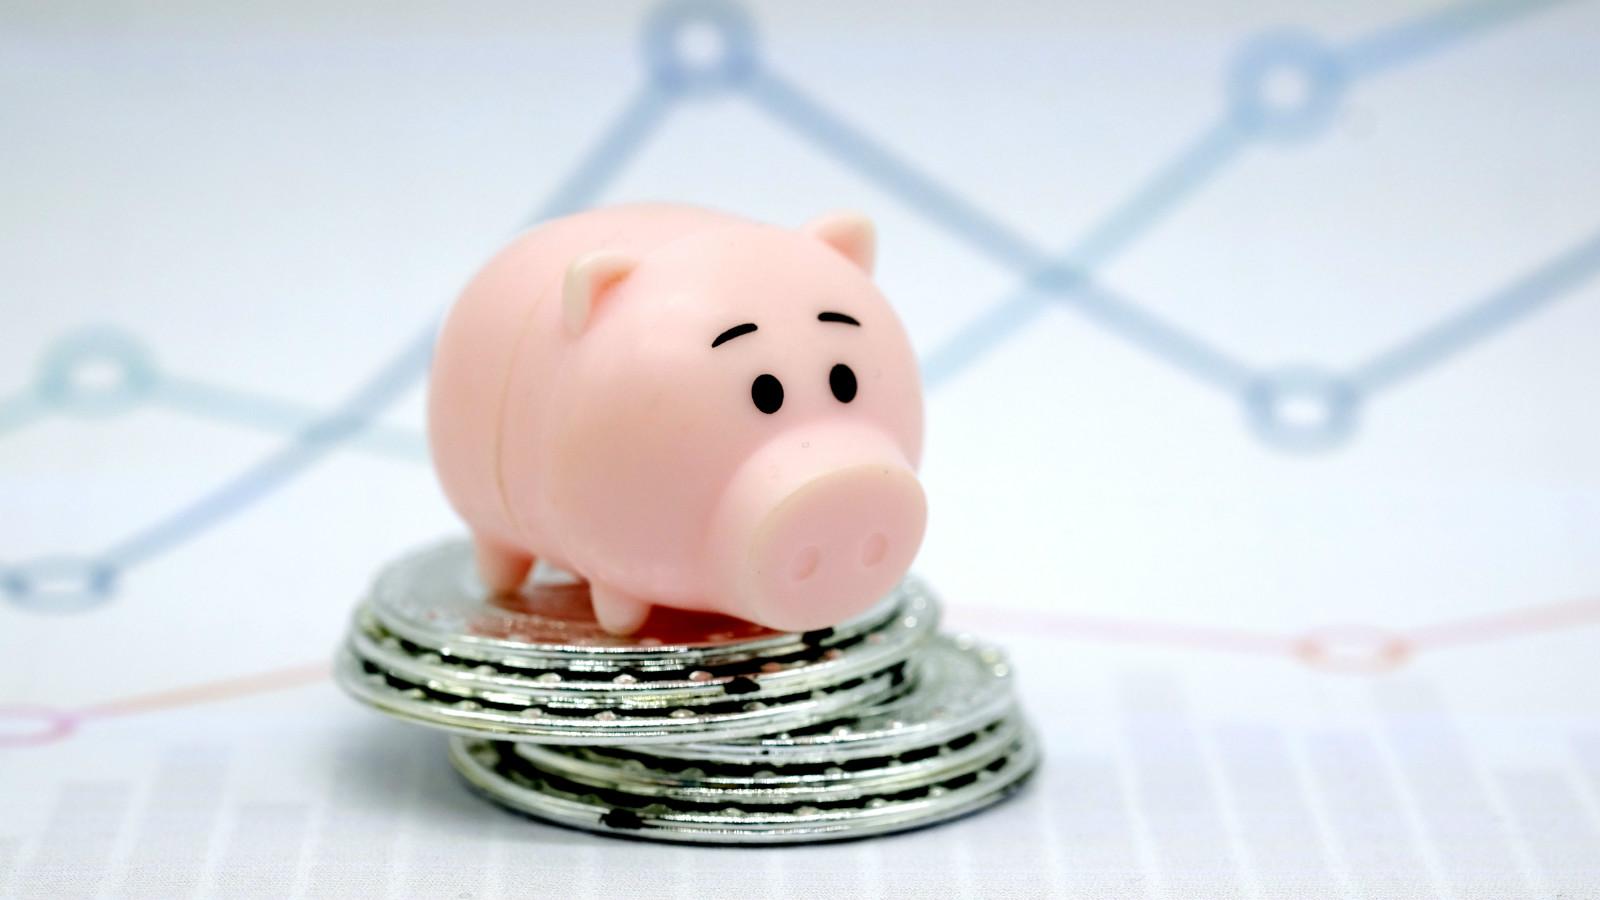 新希望参与设立生猪保供专项产业基金,基金总规模为40亿元